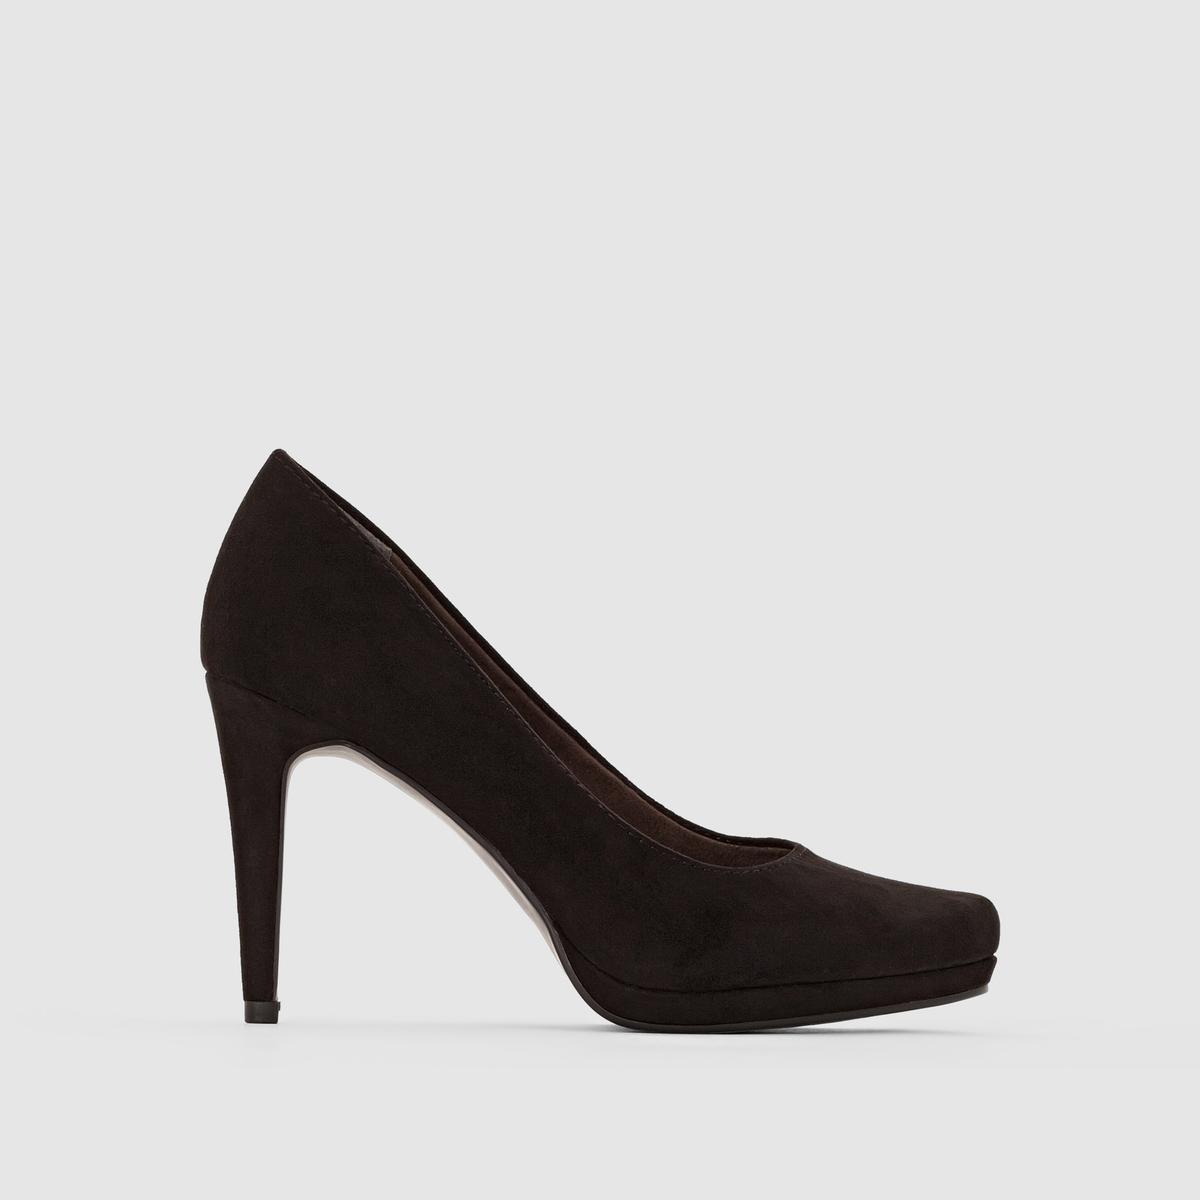 Туфли на высоком каблукеТуфли на высоком каблуке - TAMARIS . Верх : синтетика Подкладка : Текстиль Стелька  : синтетика Подошва : из эластомера. Каблук  : высота 9,5 см  Высота модели:  6,5 см  Ультра женственные, стильные и элегантные туфли на высоком каблуке и платформе... Визуально вытягивают силуэт  !<br><br>Цвет: черный<br>Размер: 39